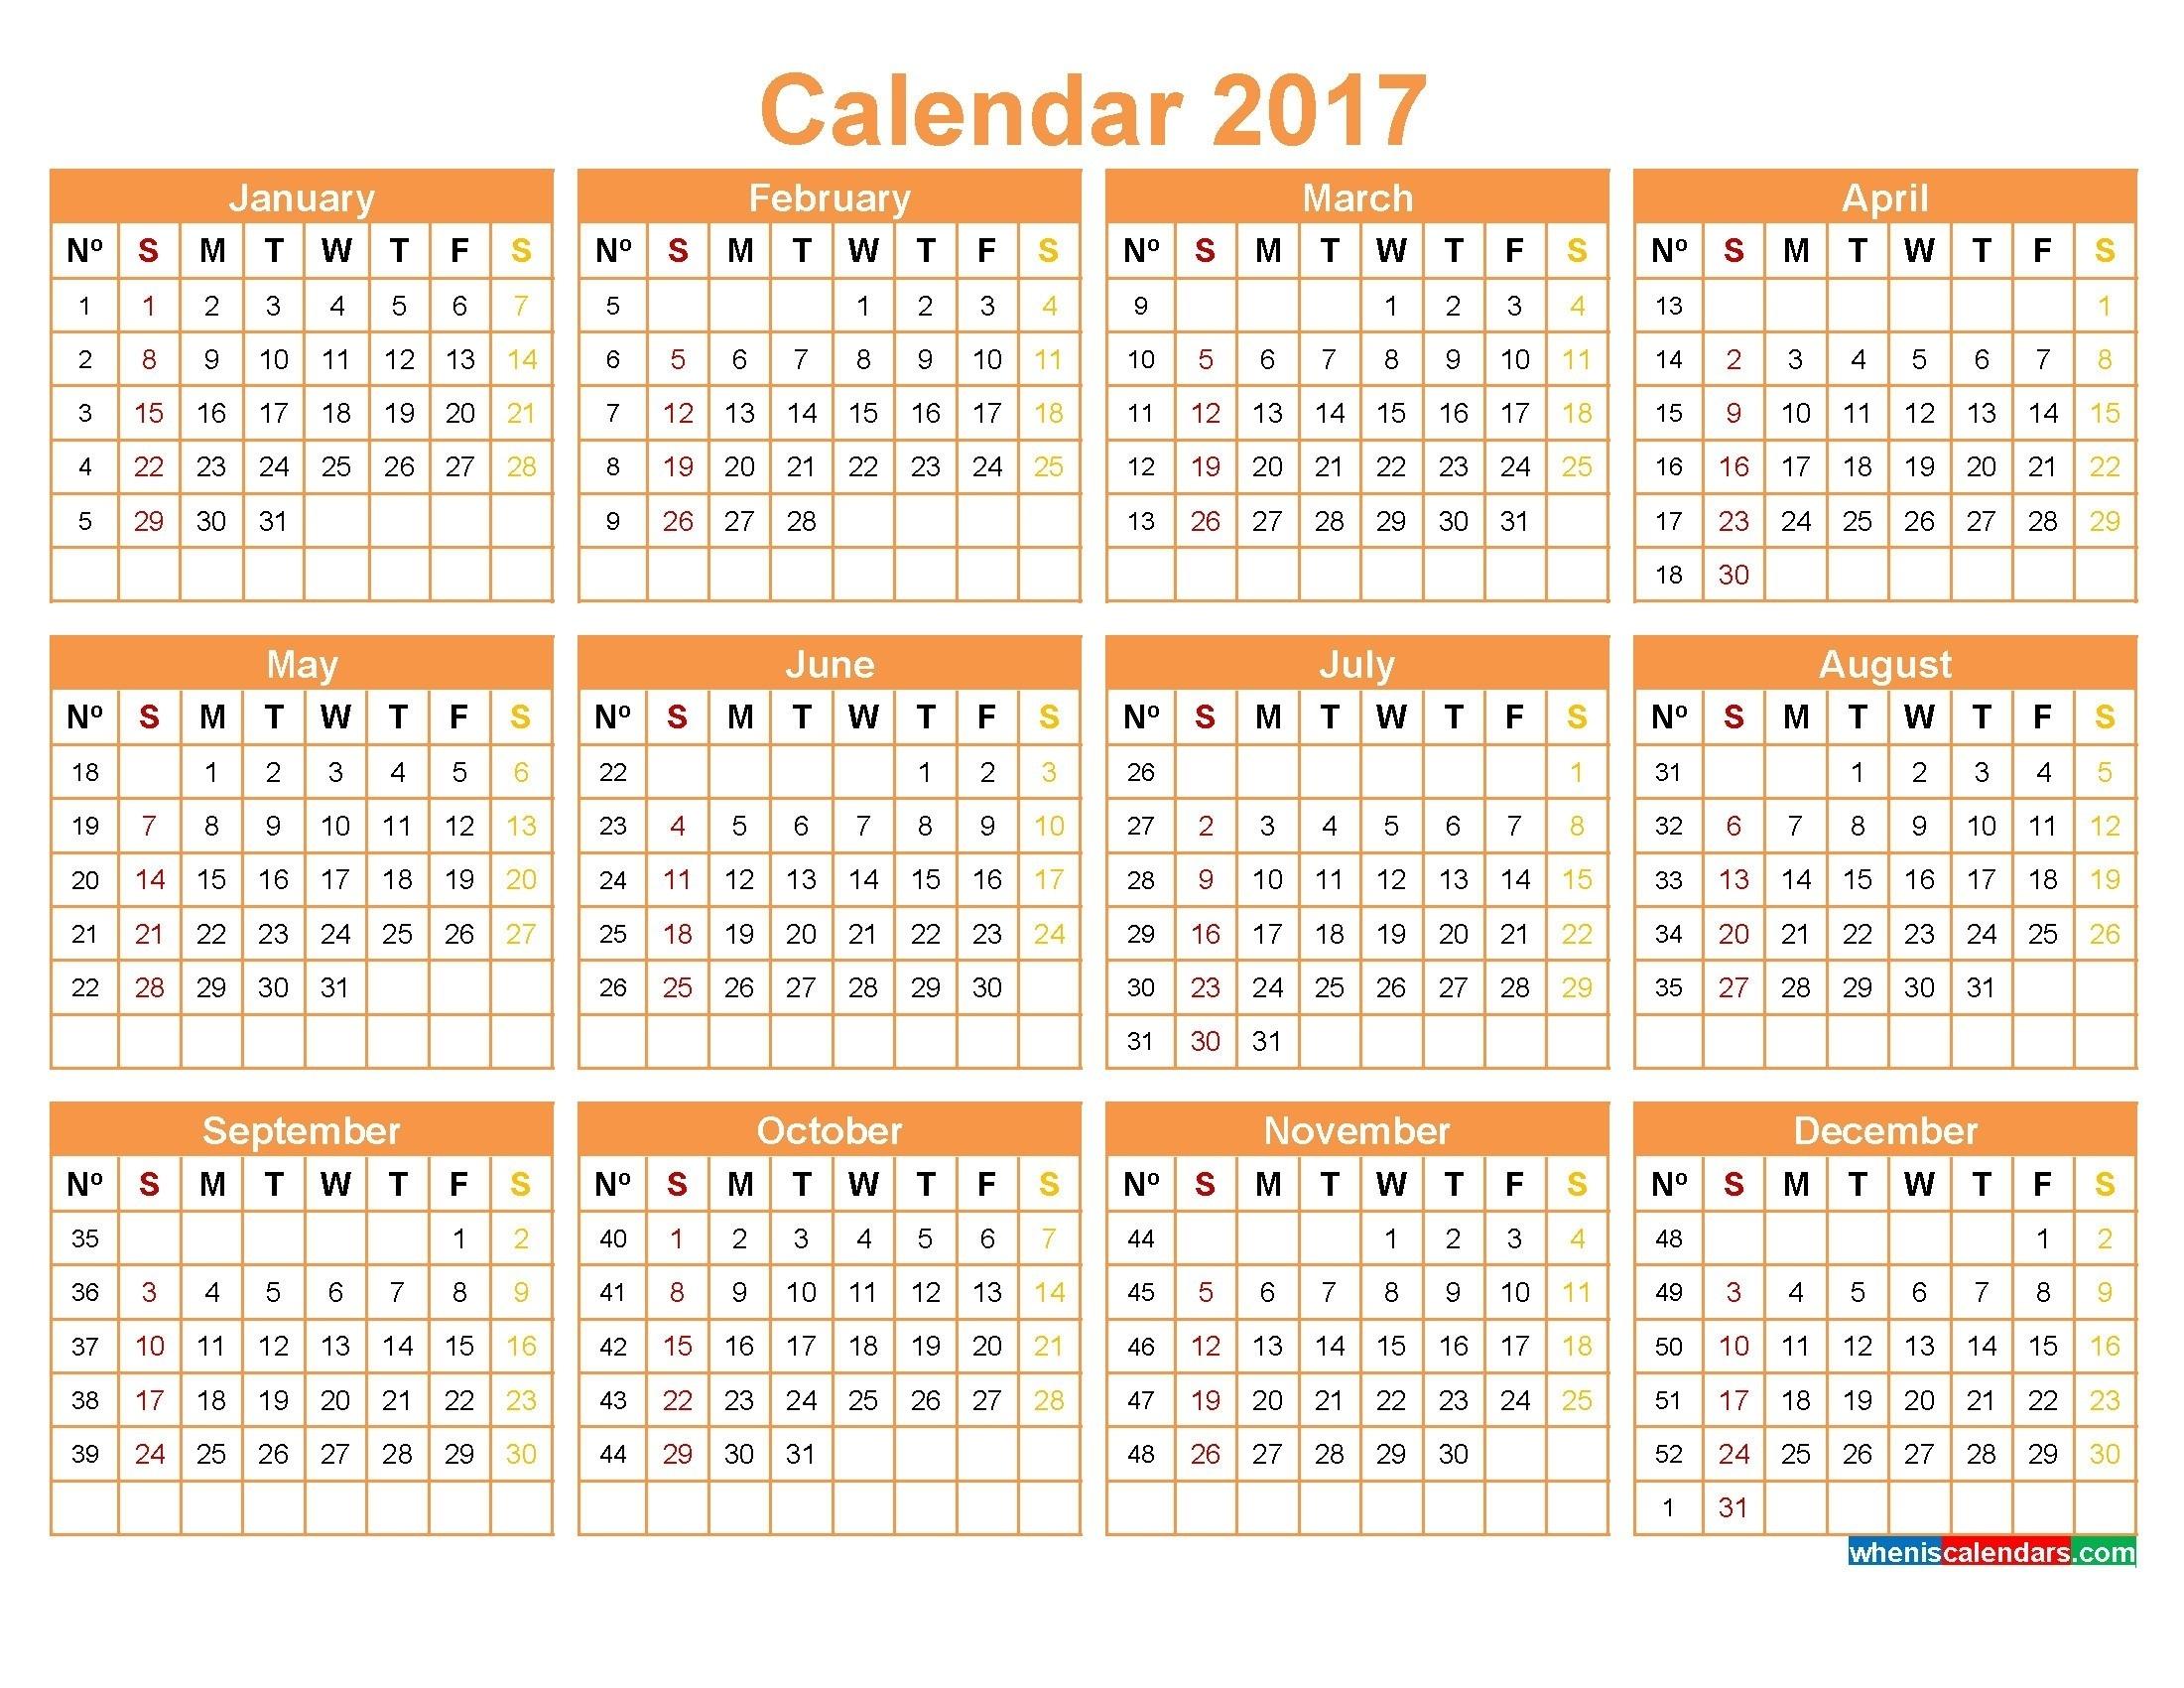 Julian Date Calendar 15 2201X1701 - Bi-Brucker-Holz.de  Military Julian Date Calendar 2020